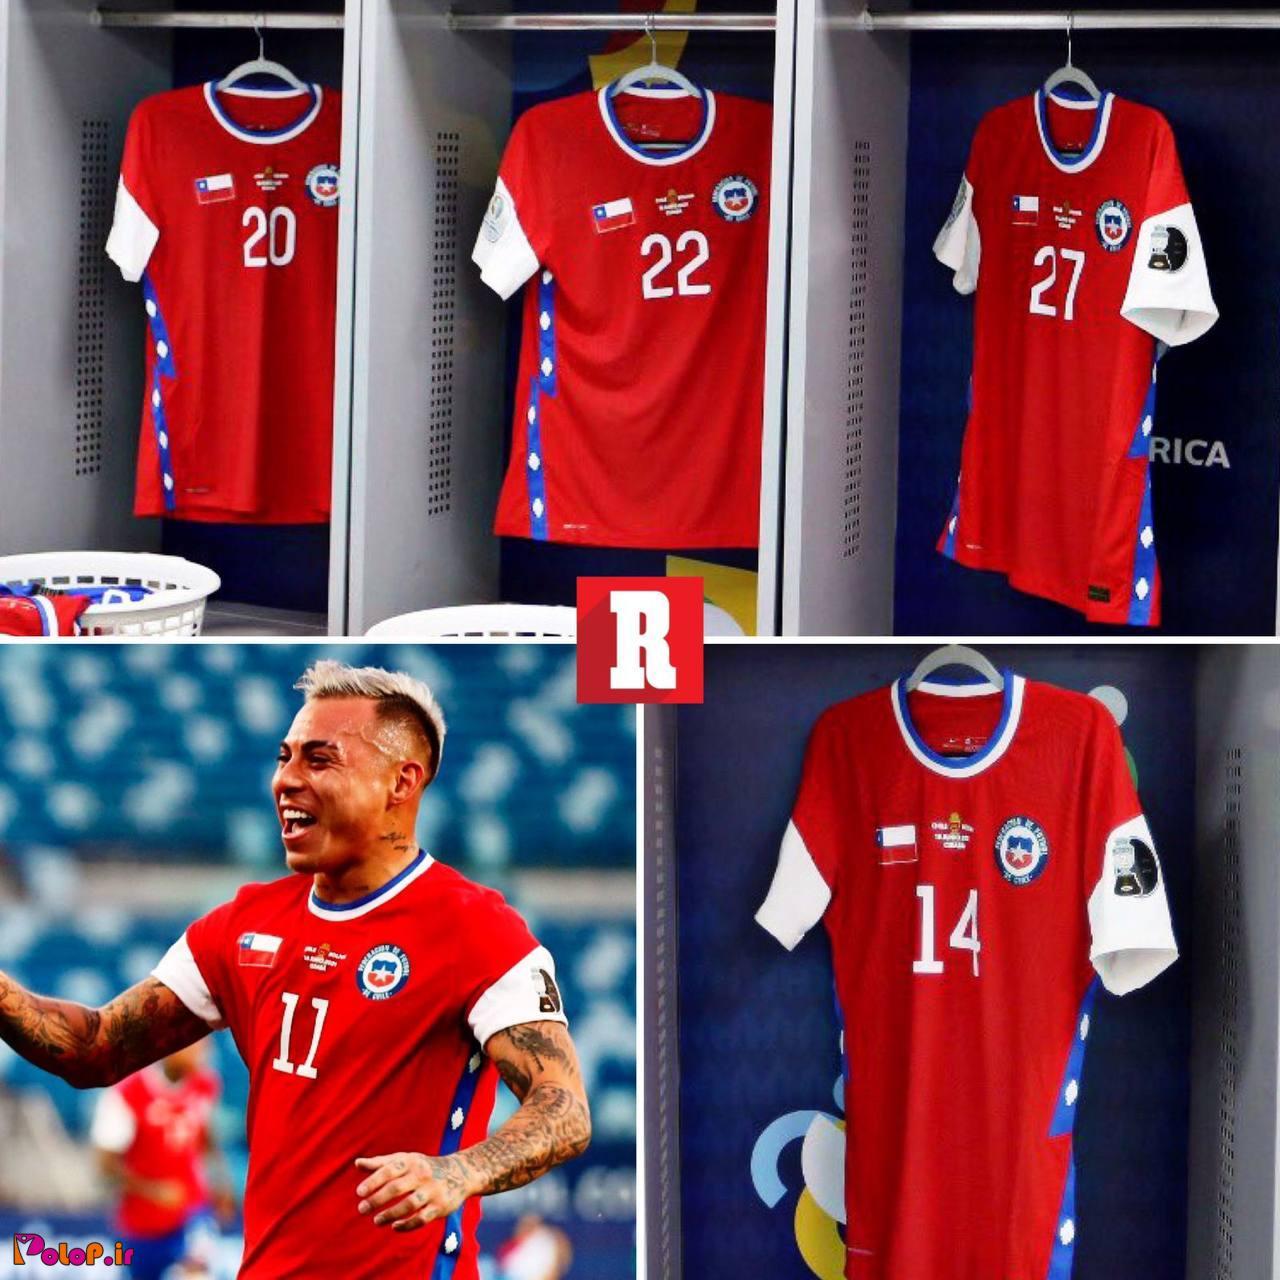 نایکی بابت فصل 2019/20 مبلغ 4.2 میلیون دلار به تیمی ملی شیلی بدهکاره